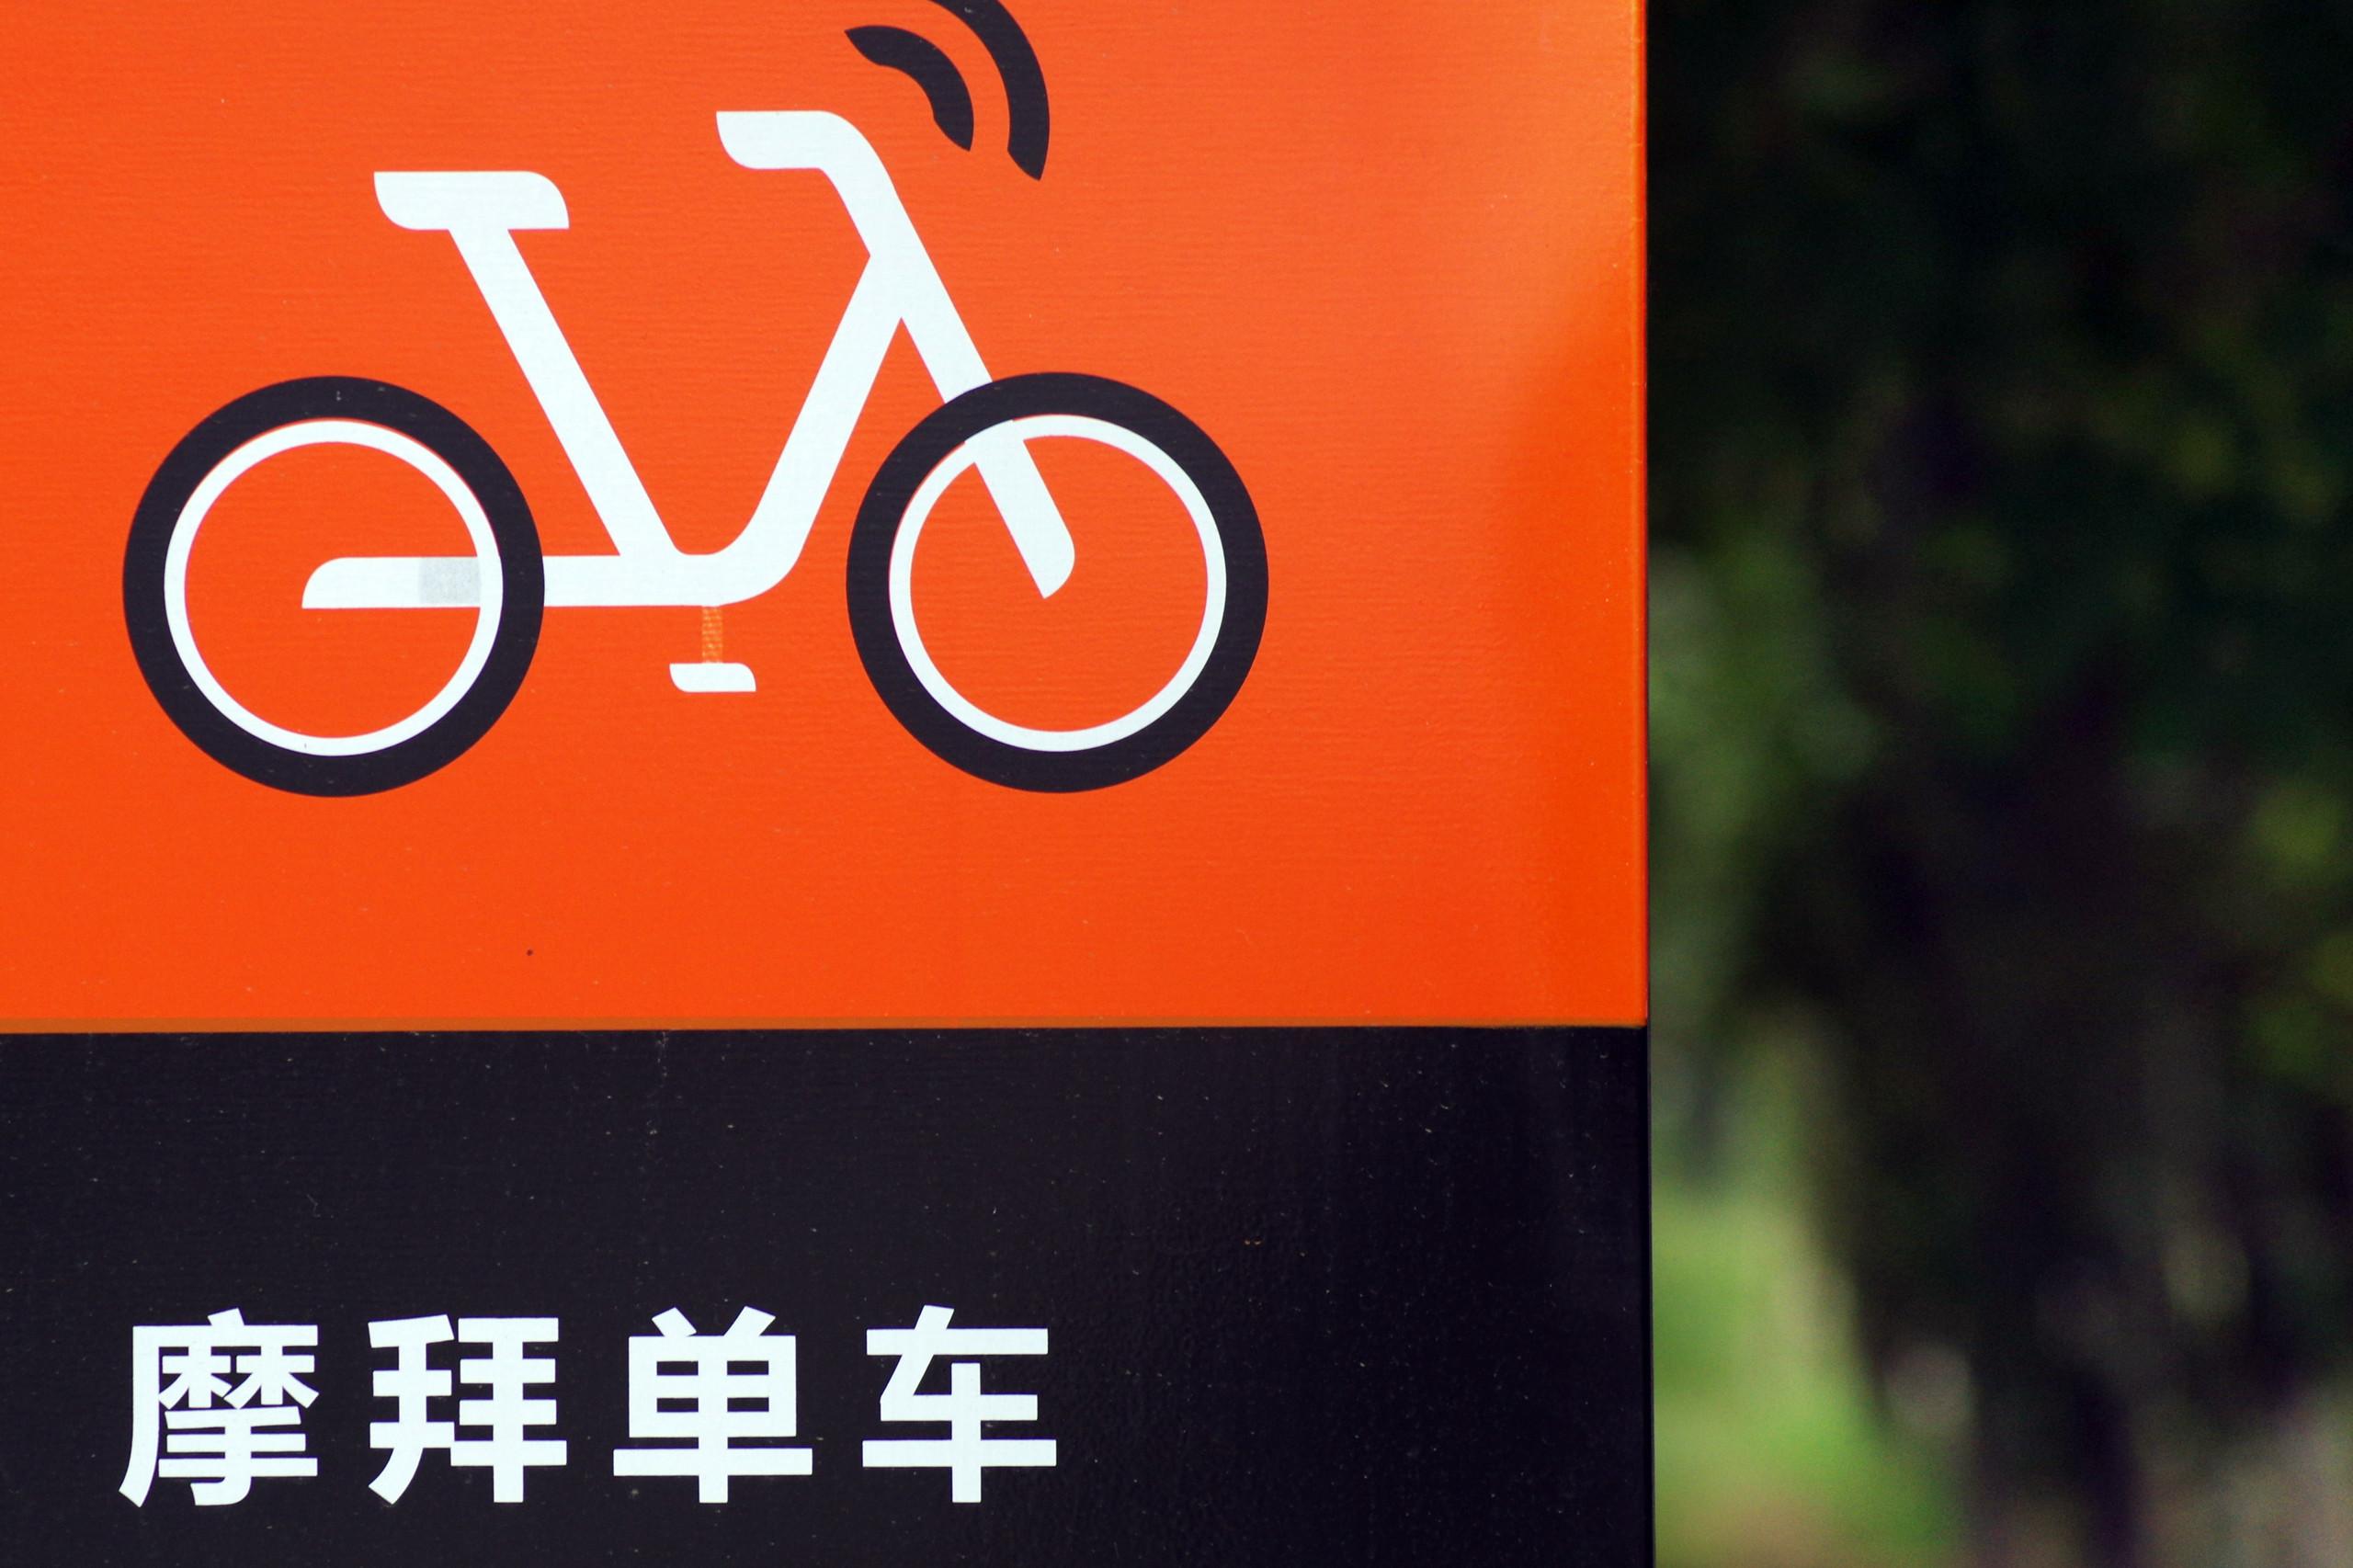 摩拜单车再次宣布涨价,起步价升至1.5元